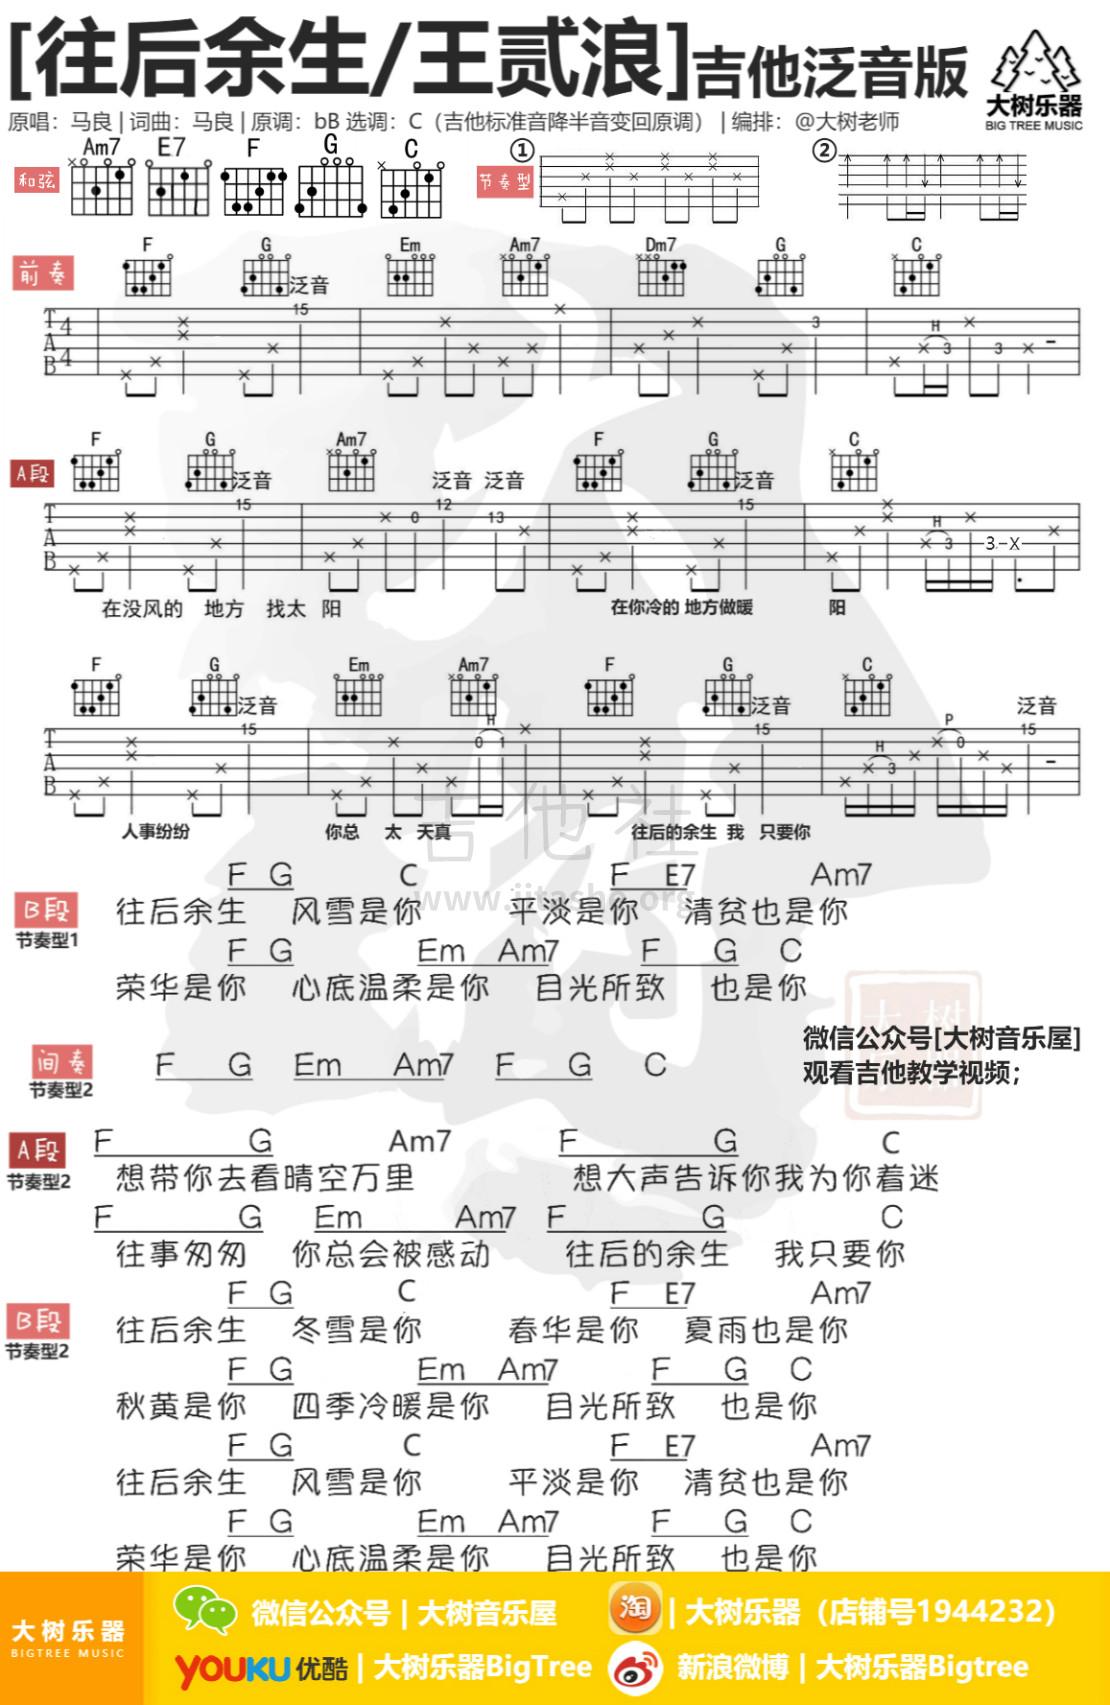 往后余生(超还原泛音版)吉他谱(图片谱,弹唱,伴奏,教学)_马良_模板_meitu_3_meitu_2.jpg